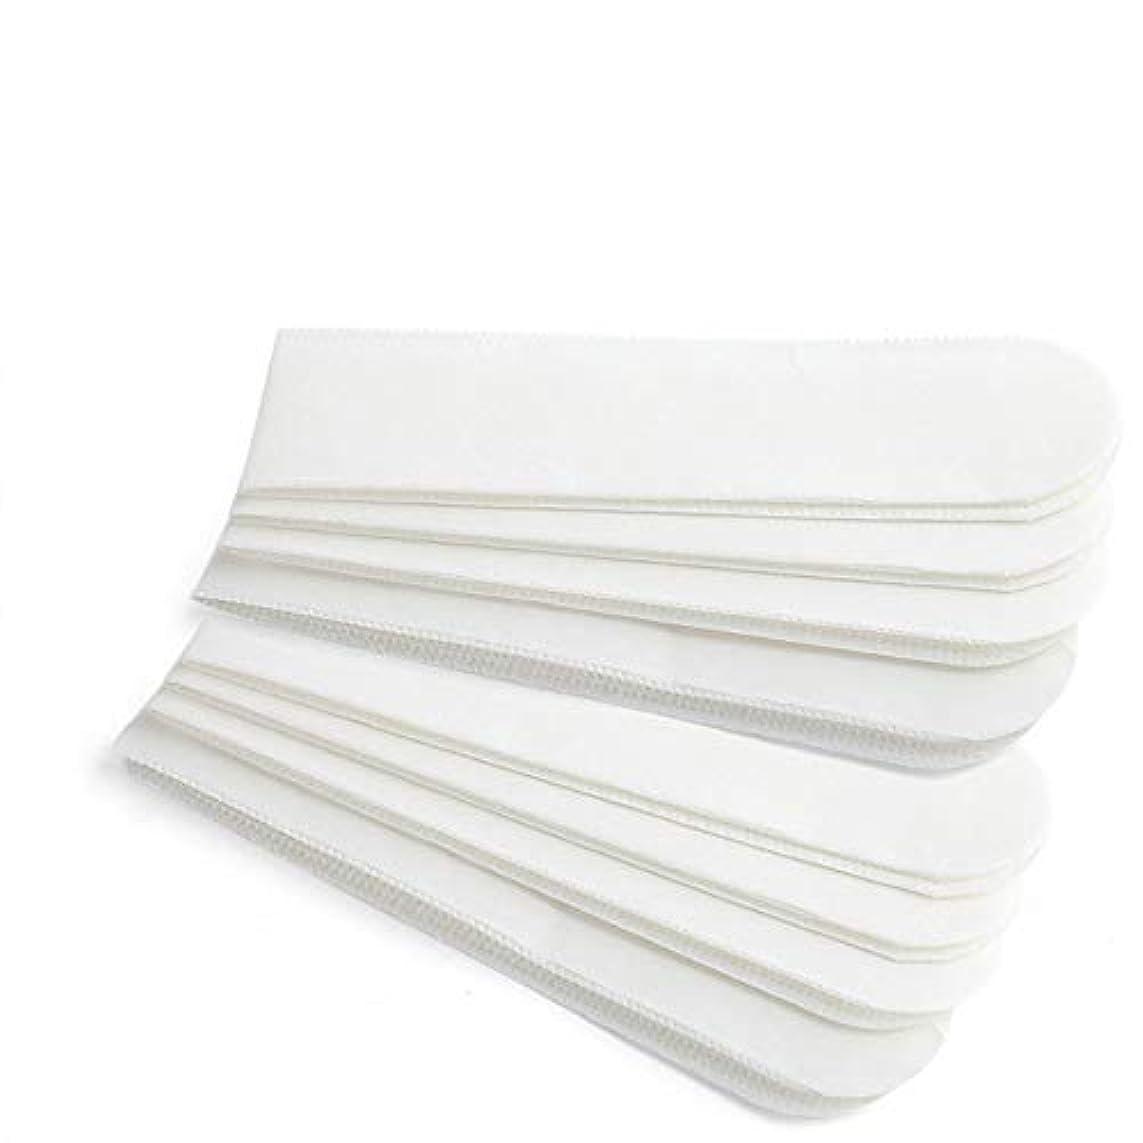 消化広範囲にピューHUANBO 襟汗 パッド 染みない バレない 気にならない 簡単 えり汗 対策 テープ型 12枚入り